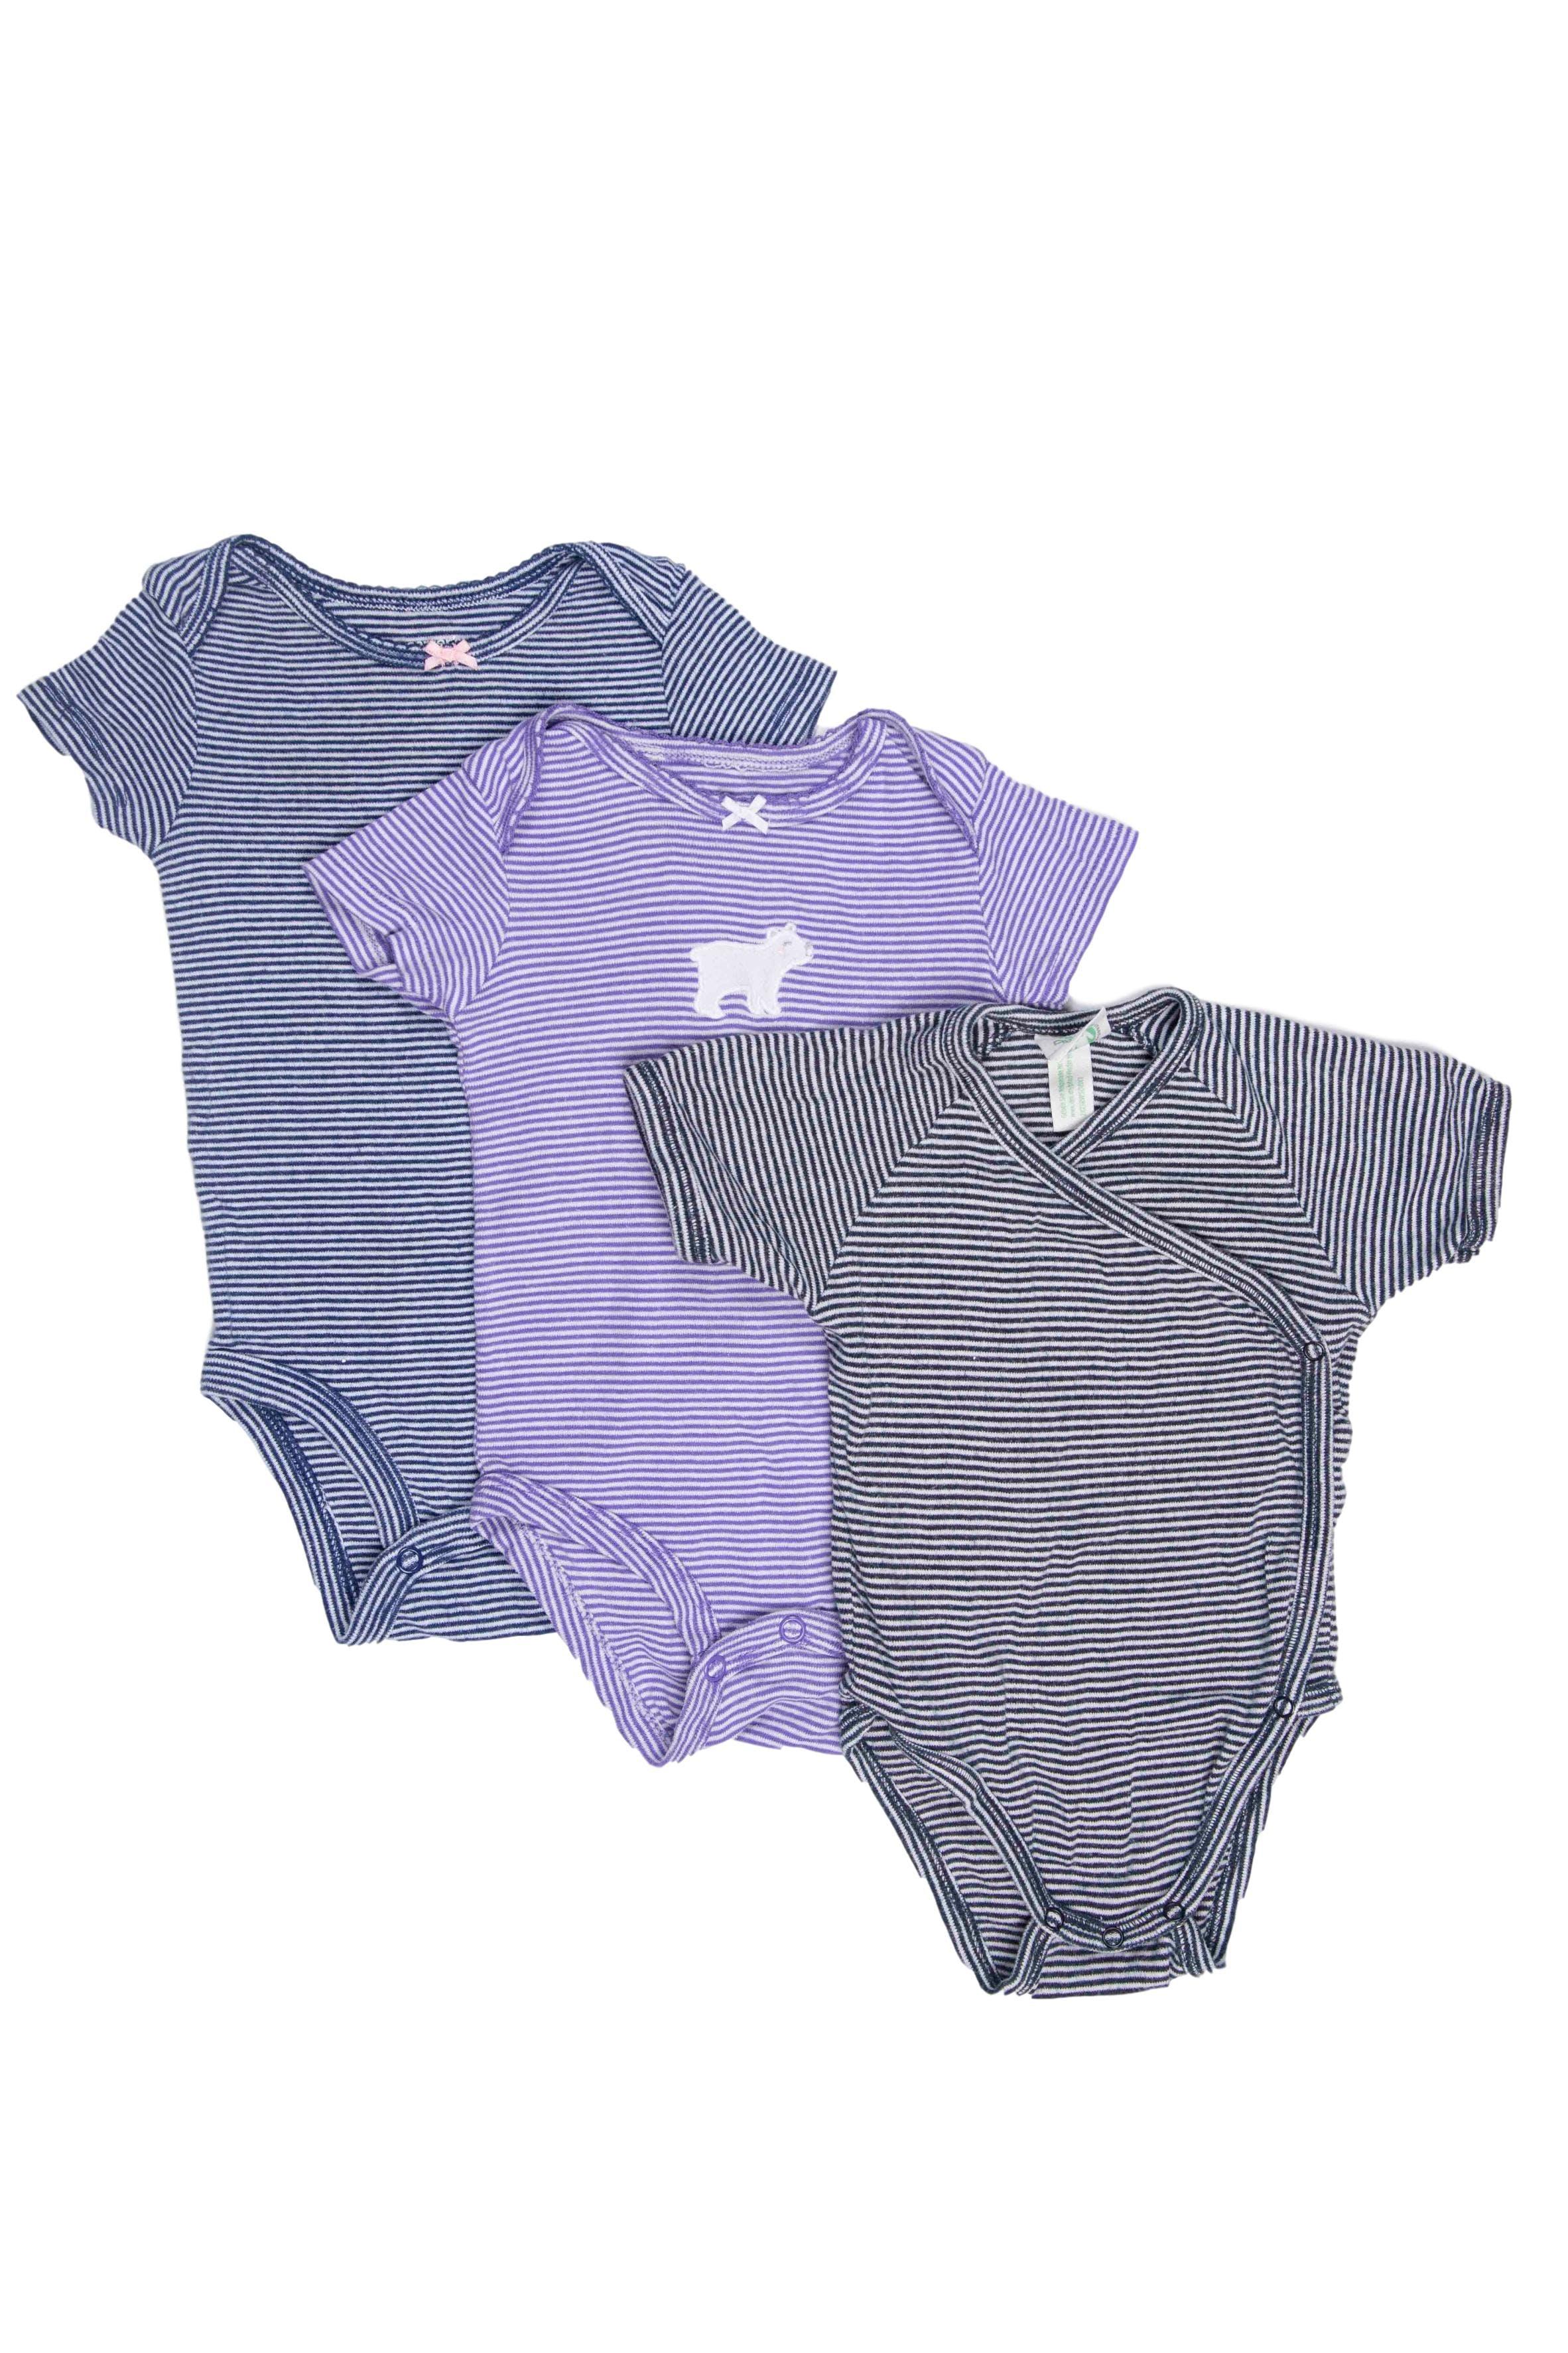 Pack de 3 bodies a rayas 100% algodón. Dos Carter´s y uno modelo kimono de algodón orgánico marca alemana. - Carter's